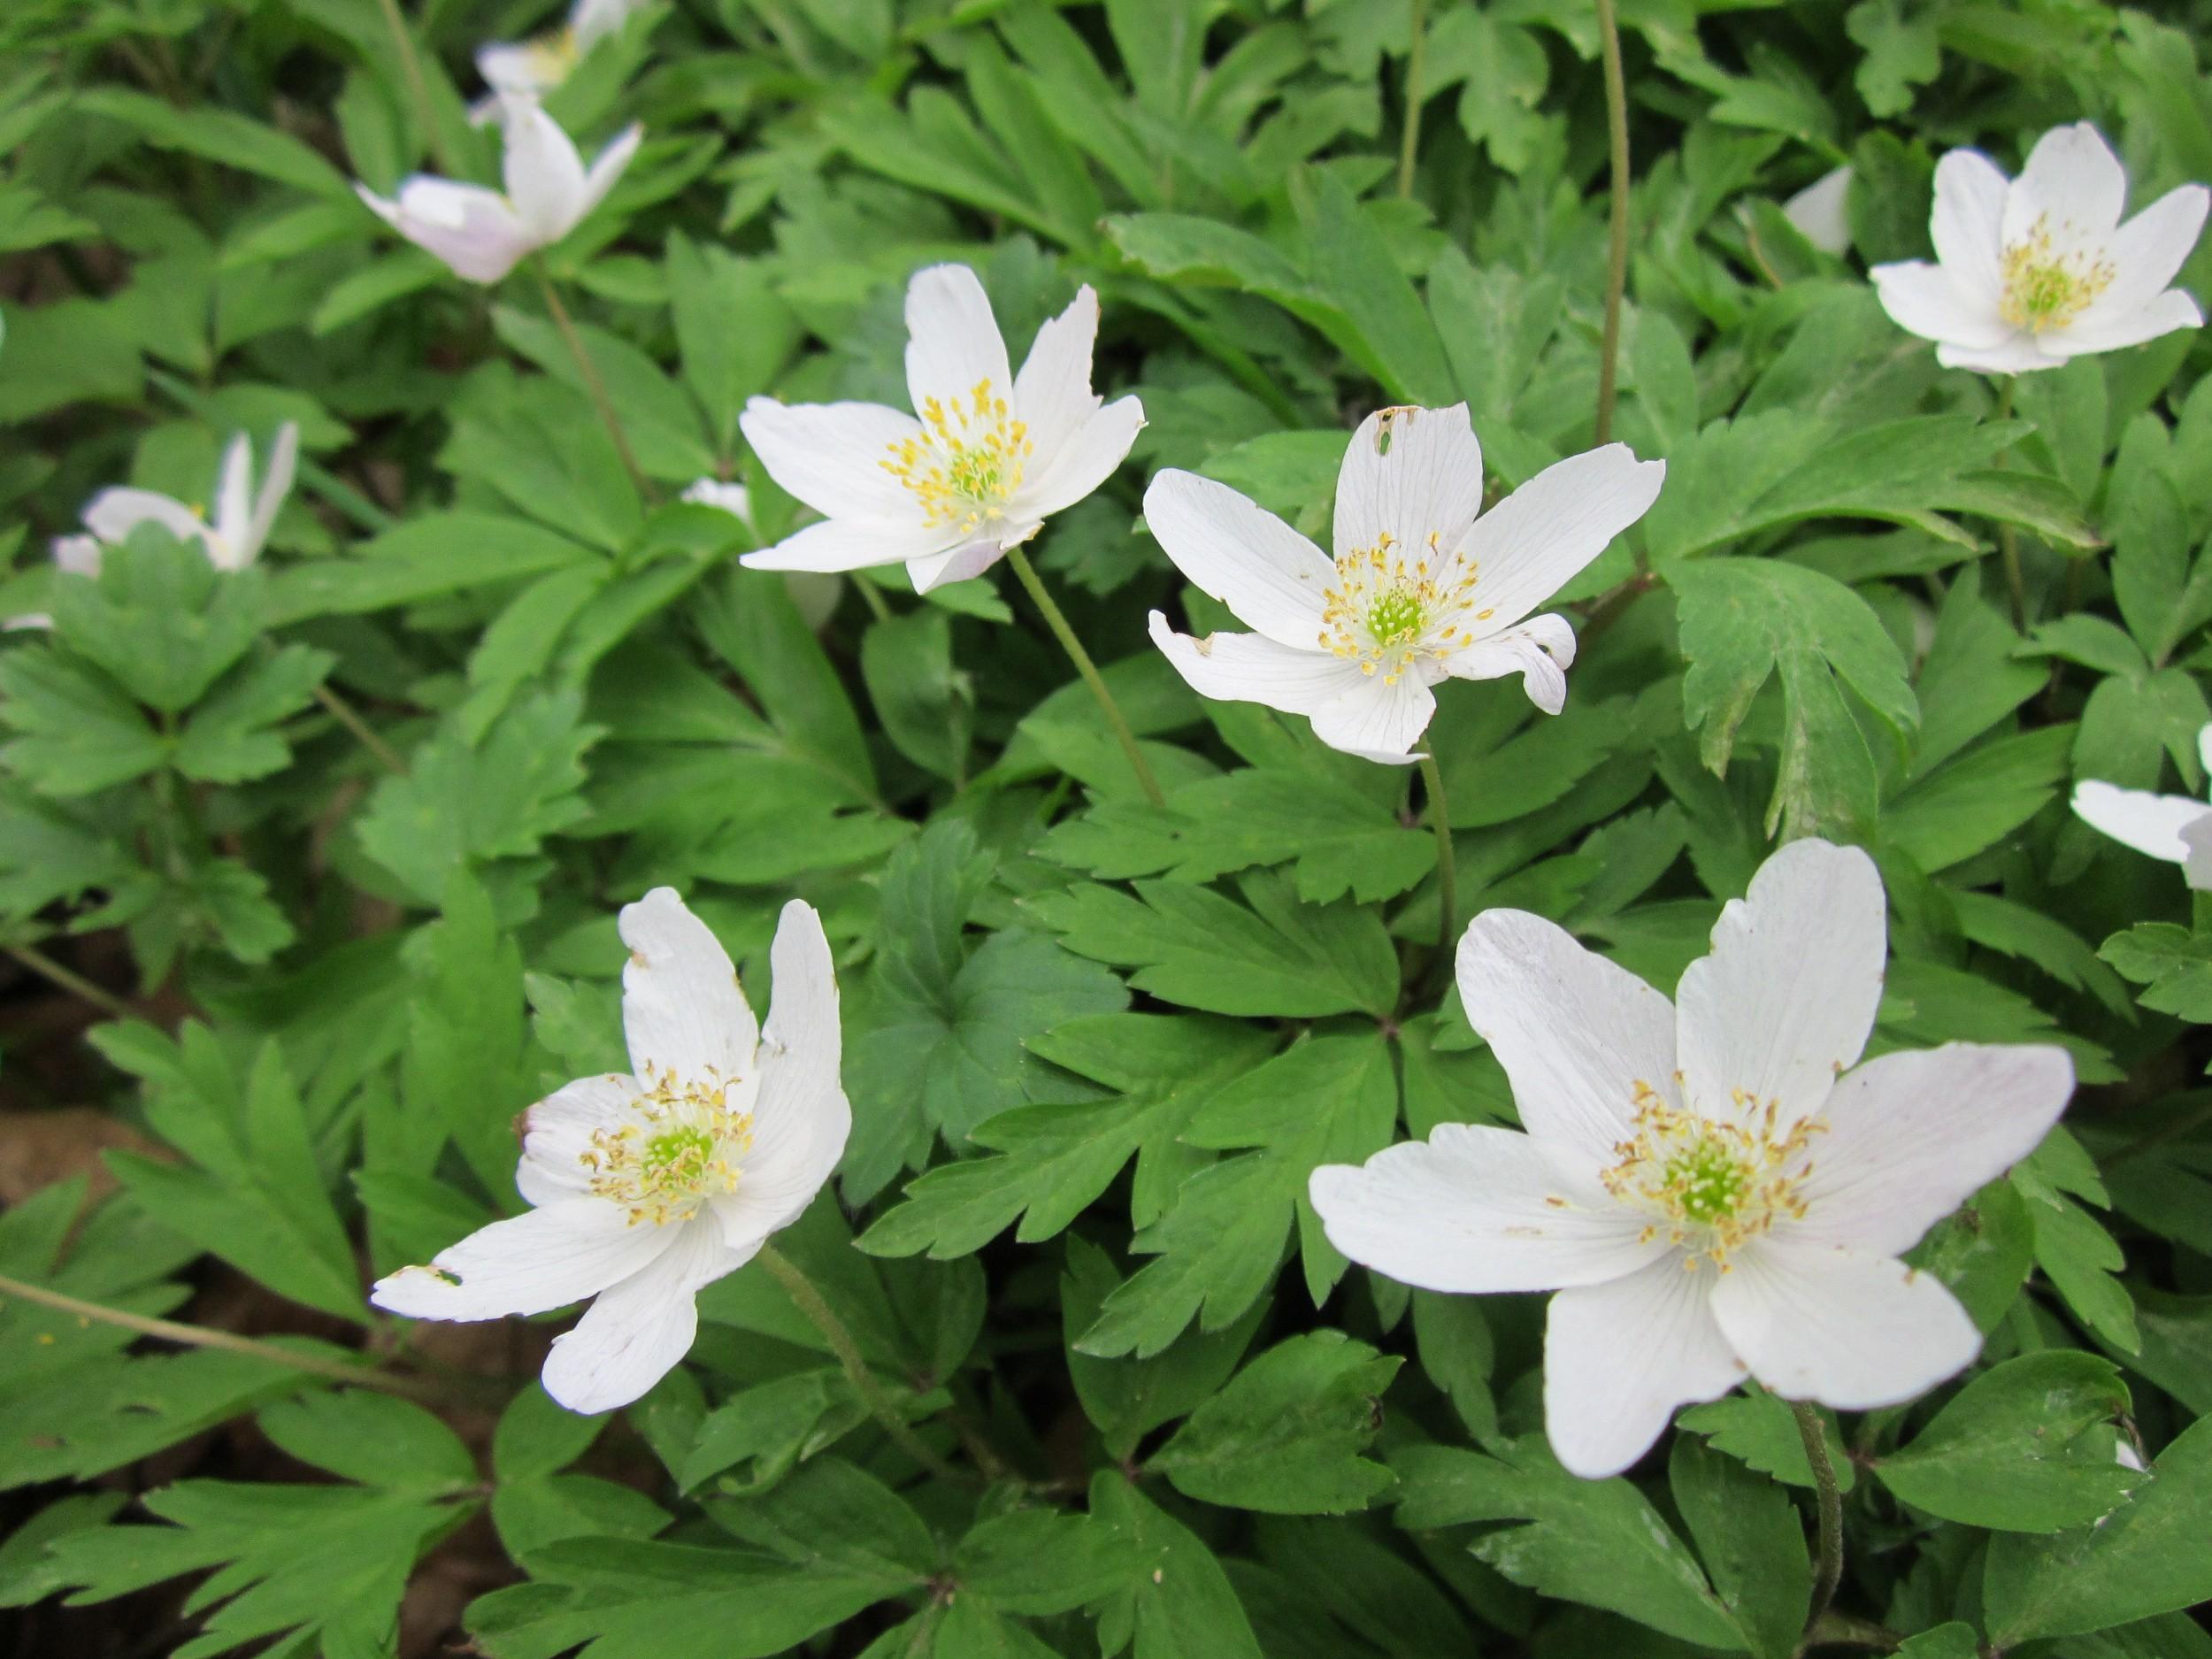 Фото садовых цветов с белыми цветами